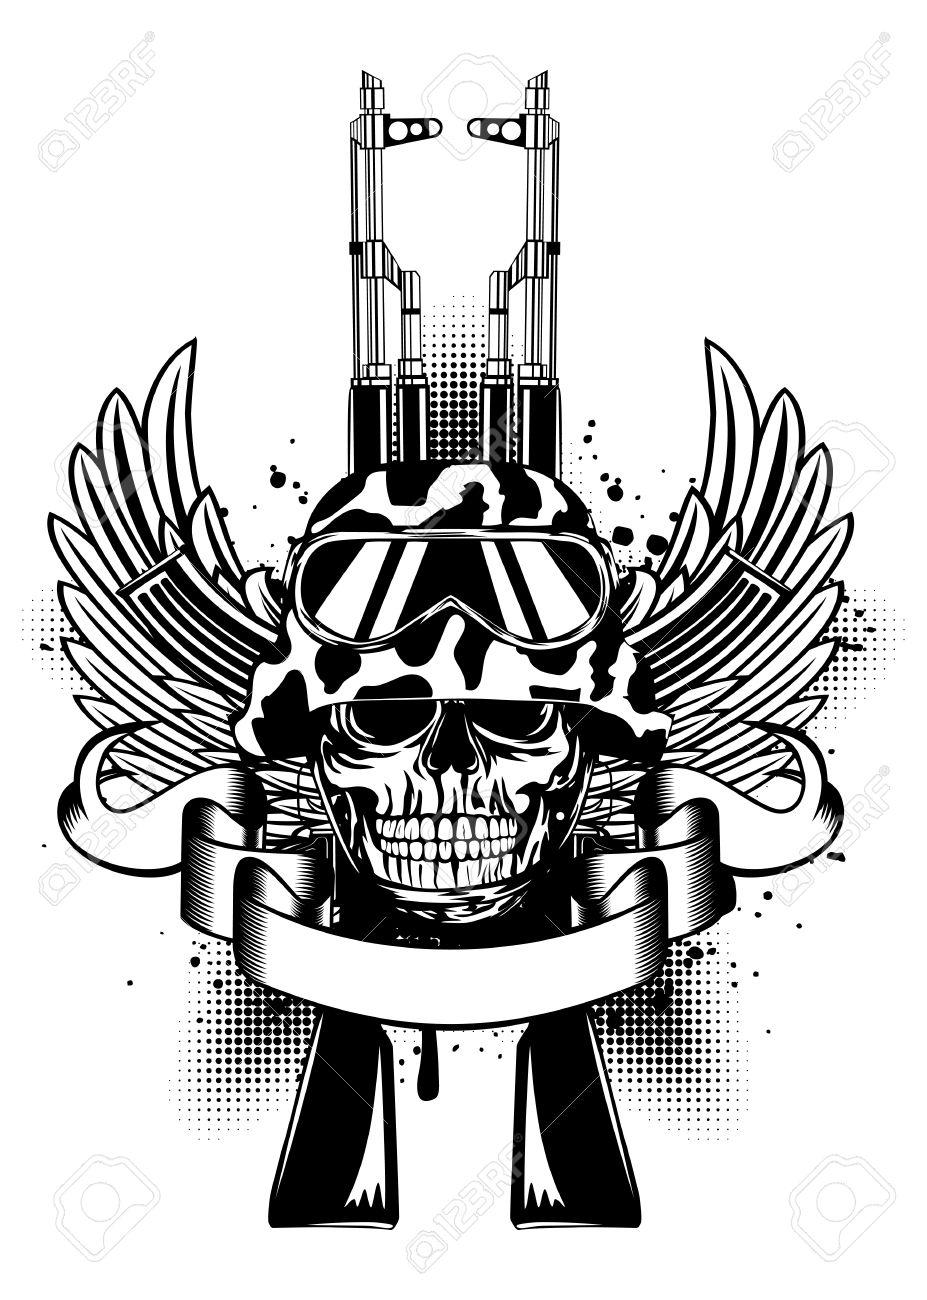 Ilustración Vectorial Dos Armas Kalashnikov Las Alas Y El Cráneo En